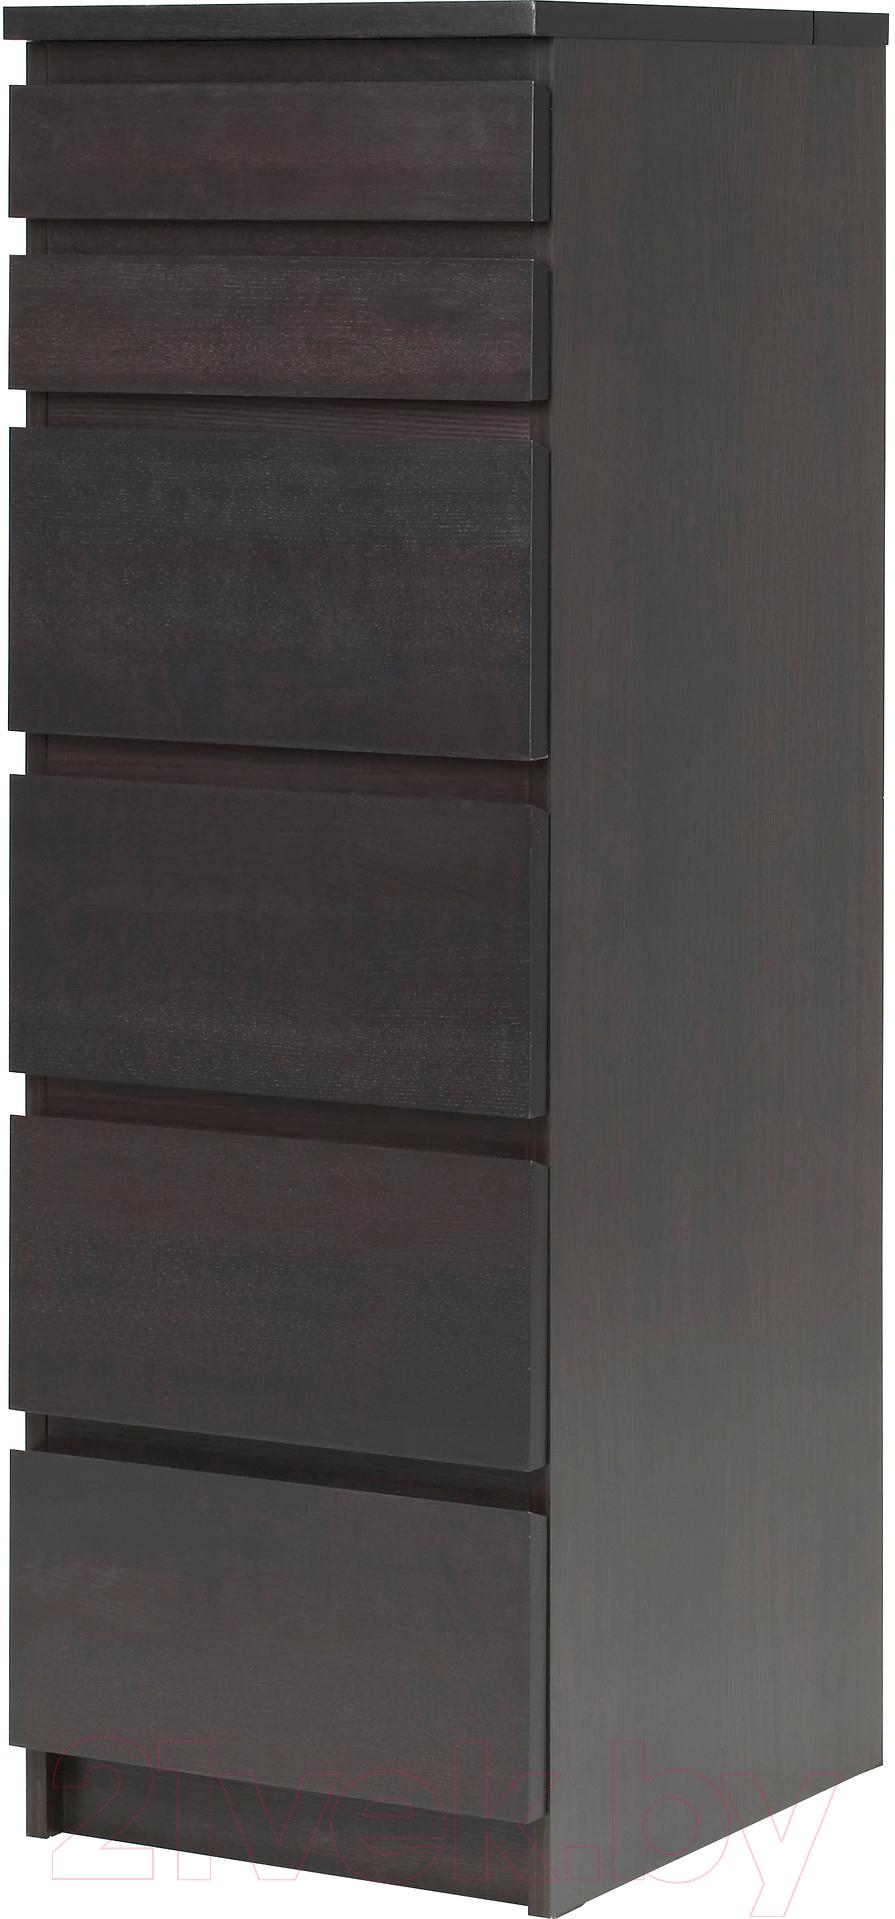 Купить Комод Ikea, Мальм 603.685.90 (черный/коричневый), Швеция